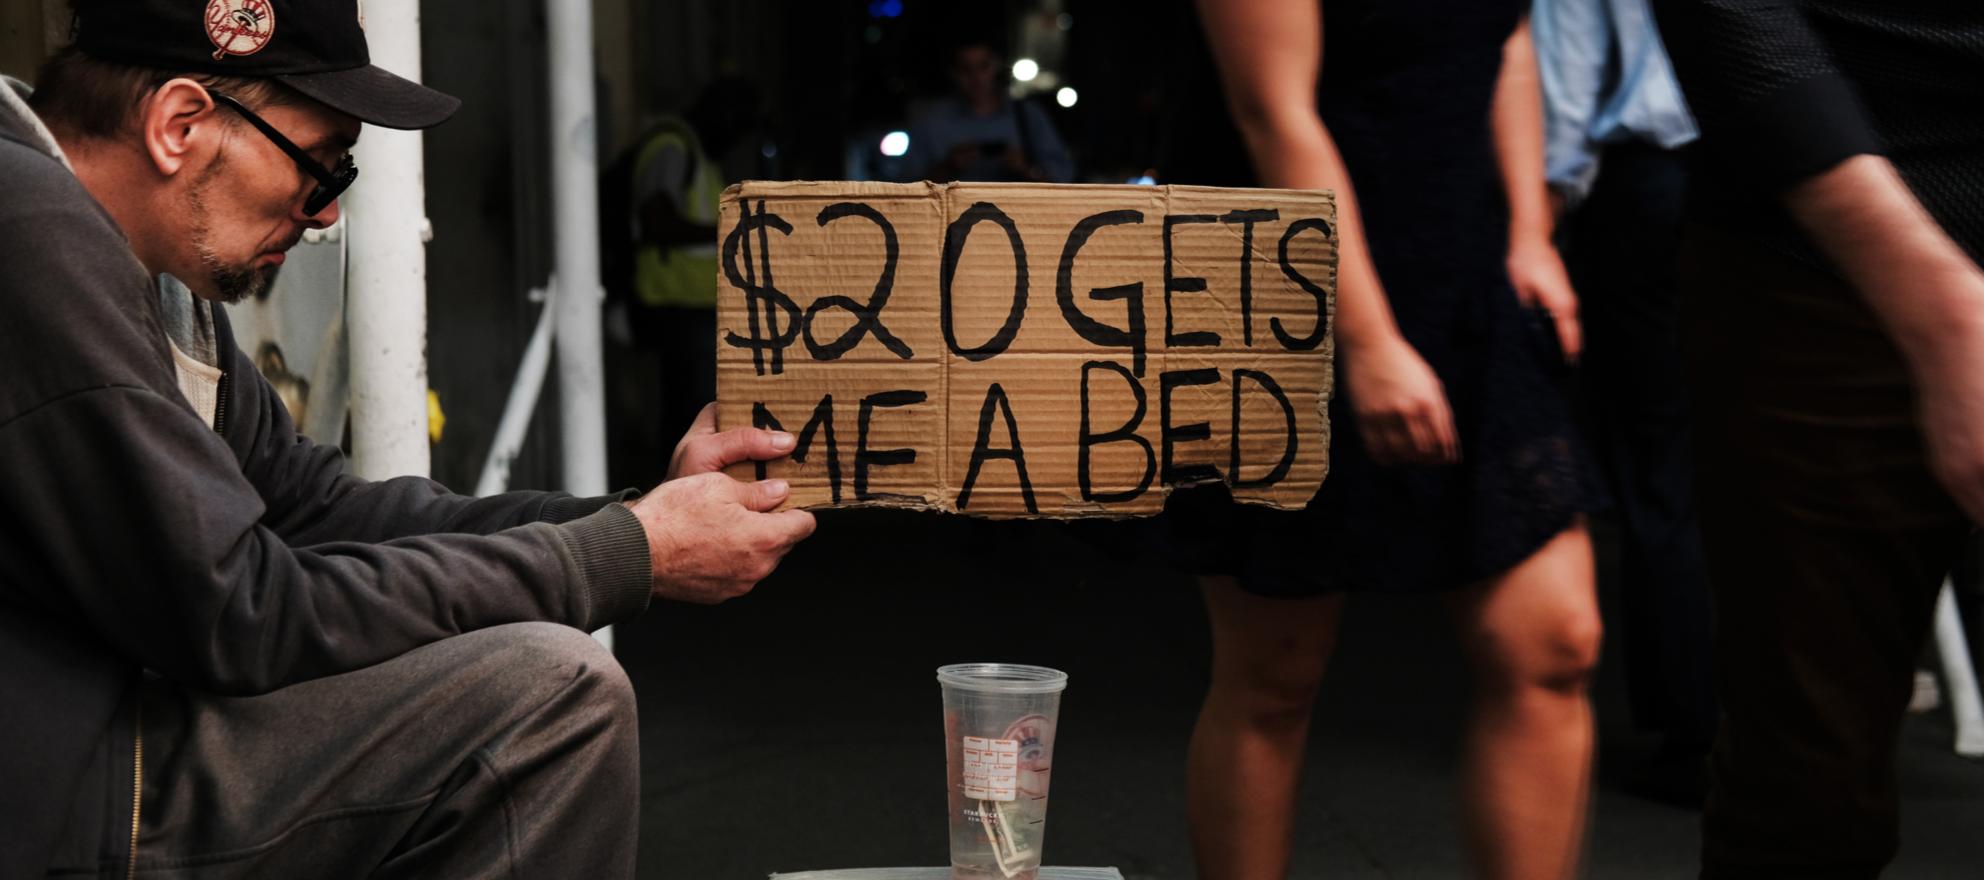 What's the key to ending chronic homelessness? Better data